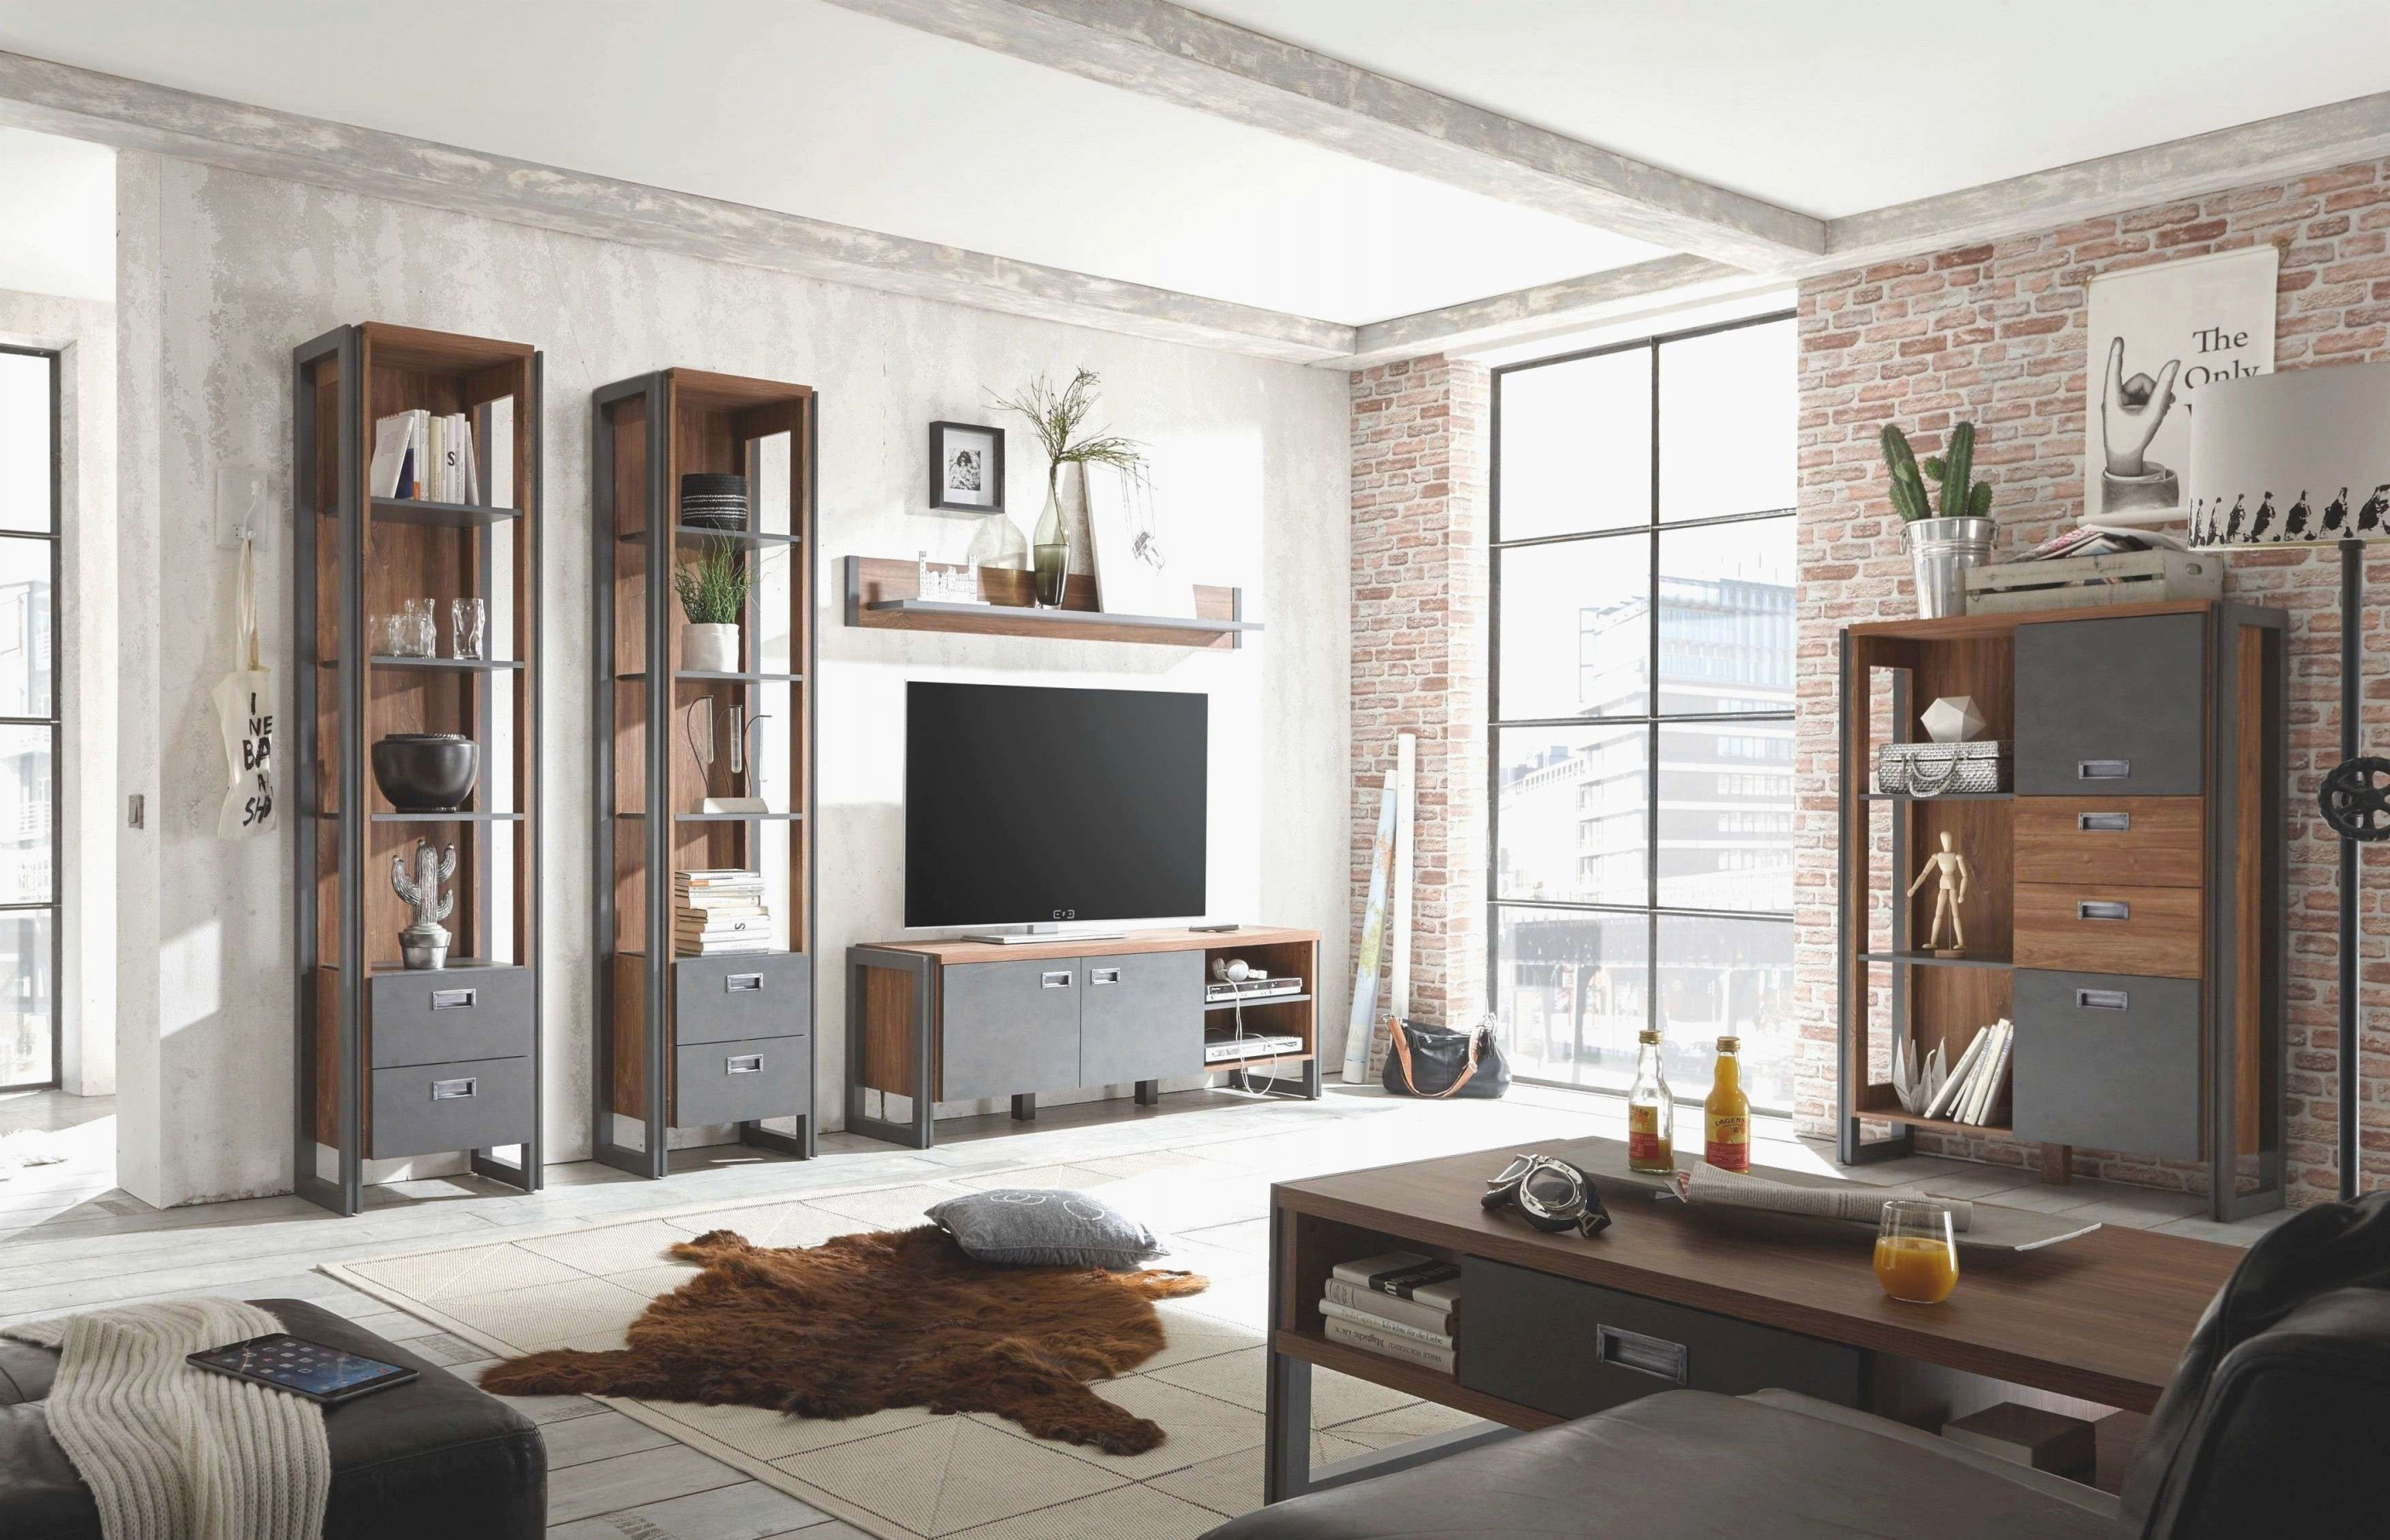 Wohnzimmer Ideen Wandgestaltung Tapete Innereskind von Schmales Wohnzimmer Einrichten Bild